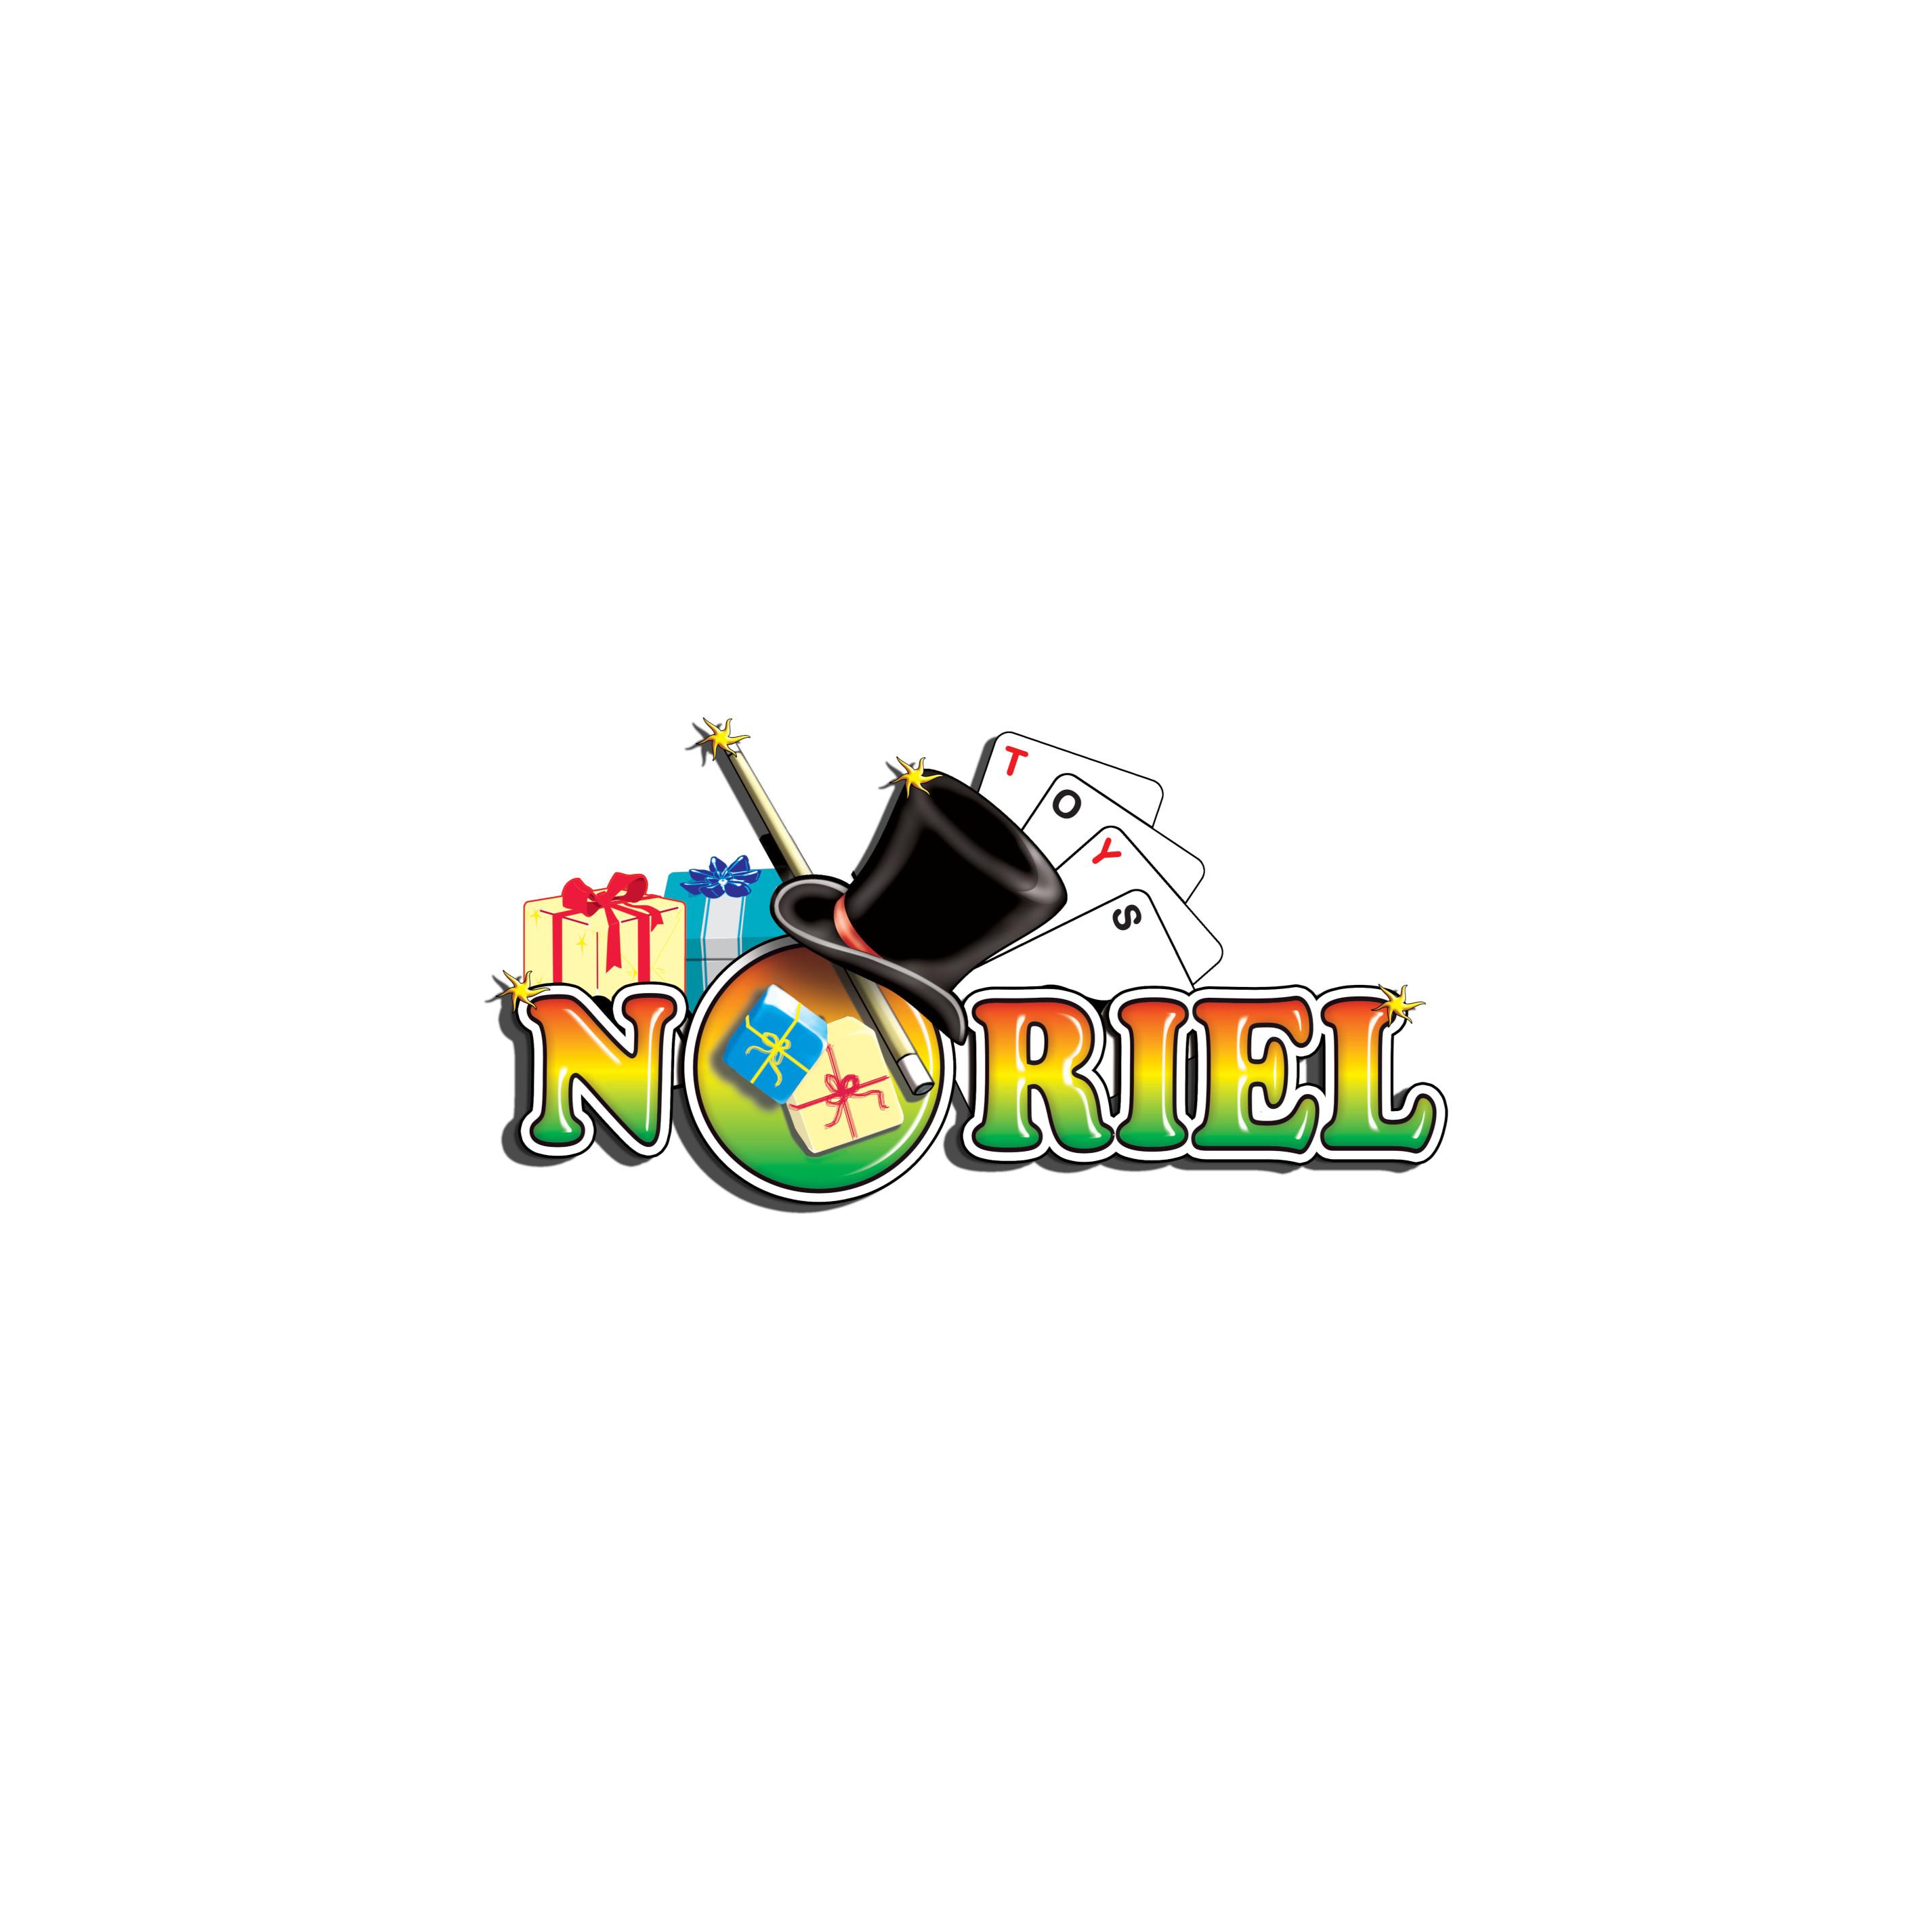 Castronel de melamina - Mickey Mouse